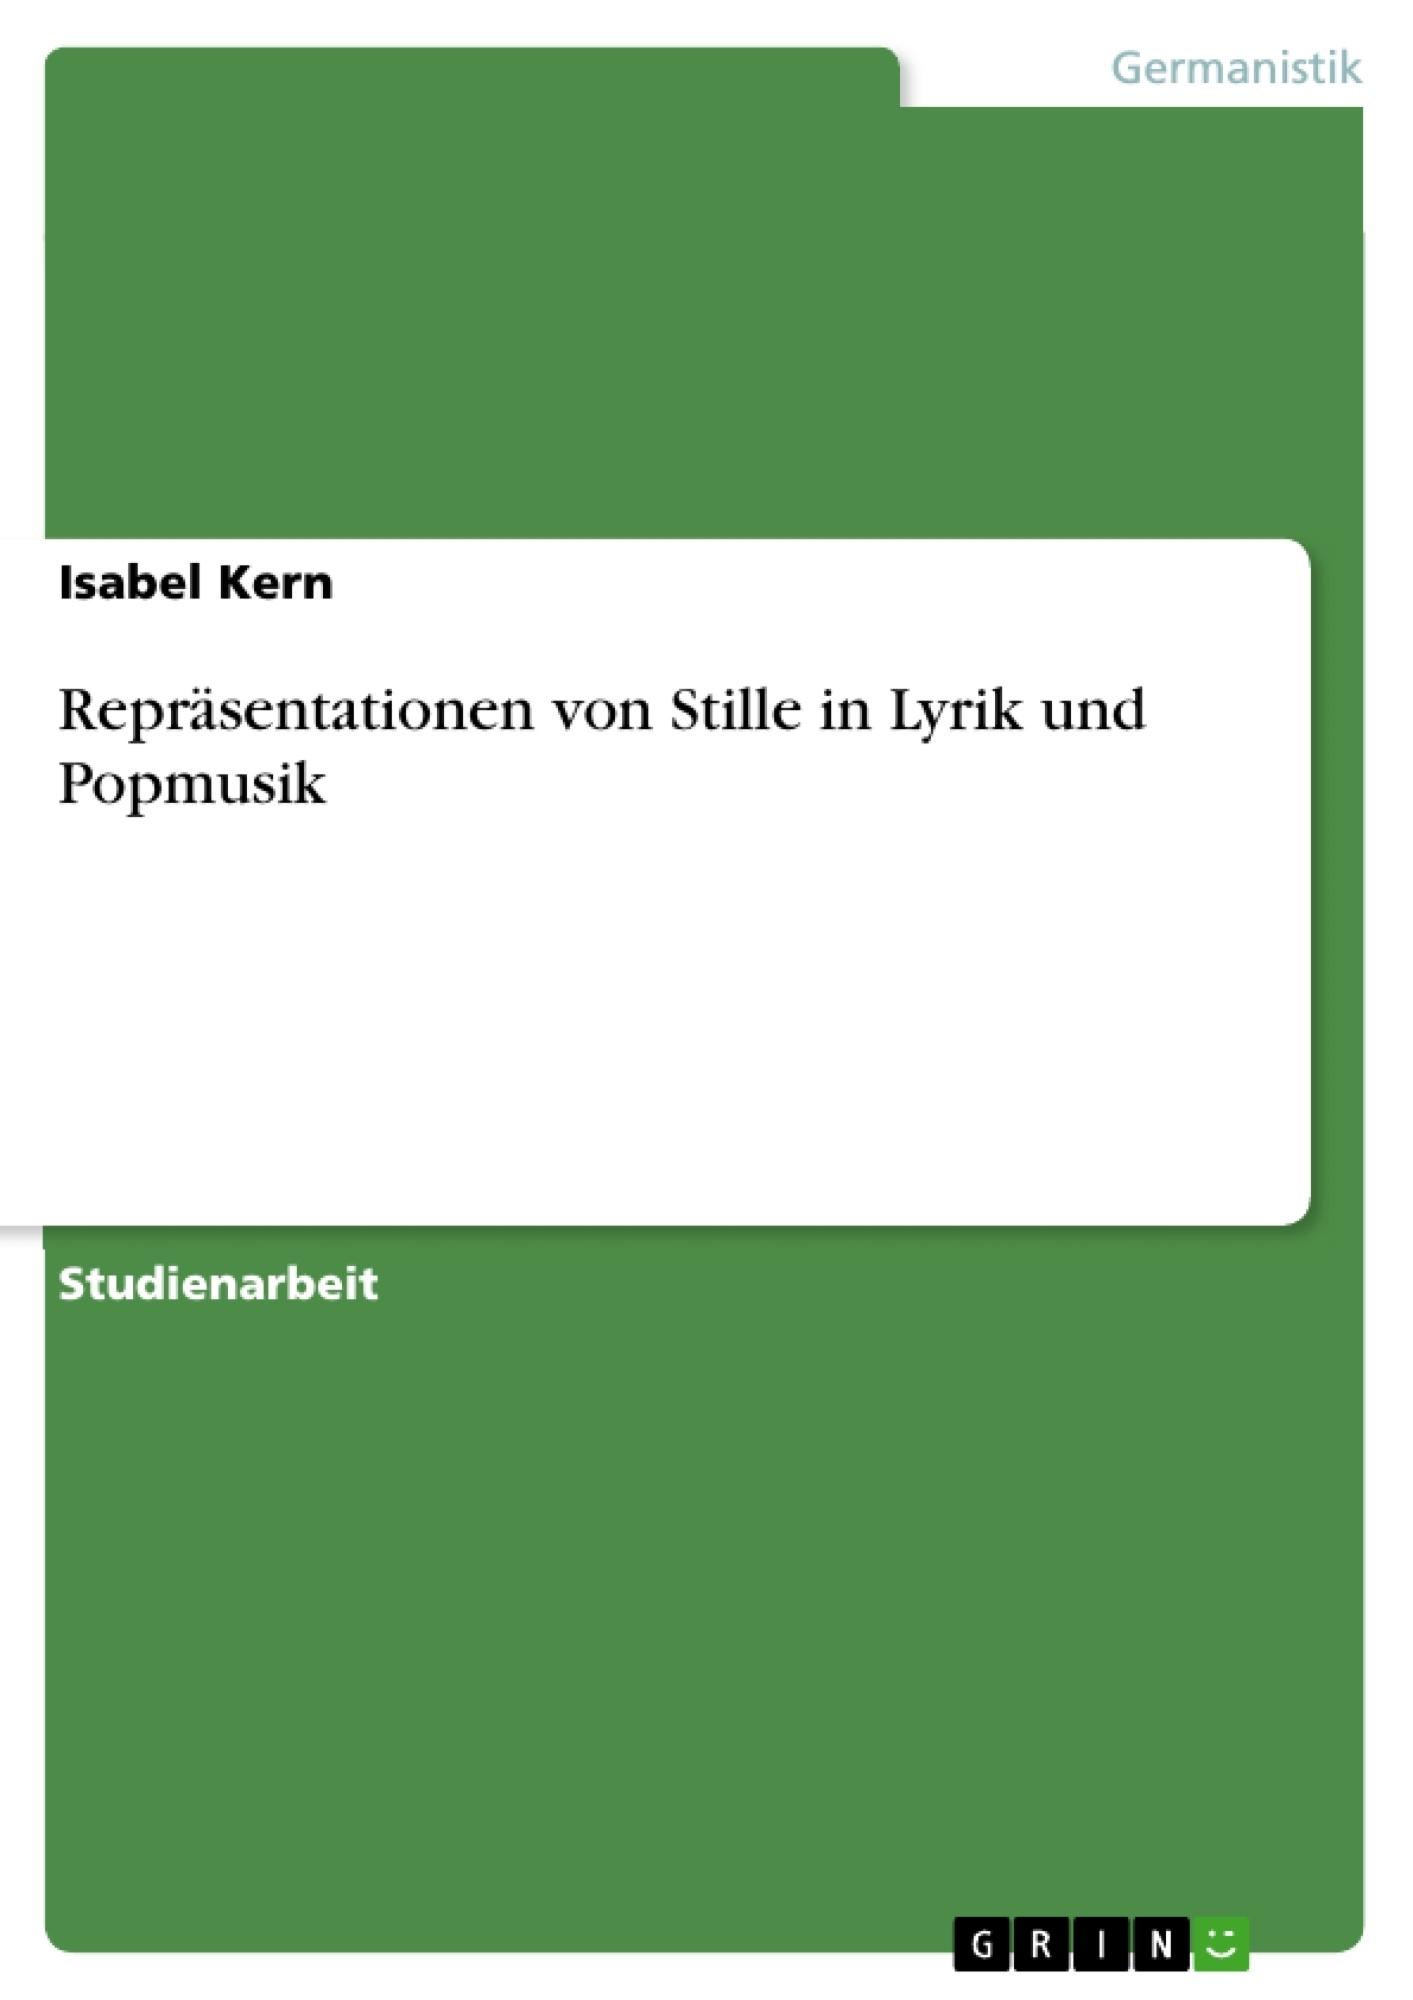 Titel: Repräsentationen von Stille in Lyrik und Popmusik